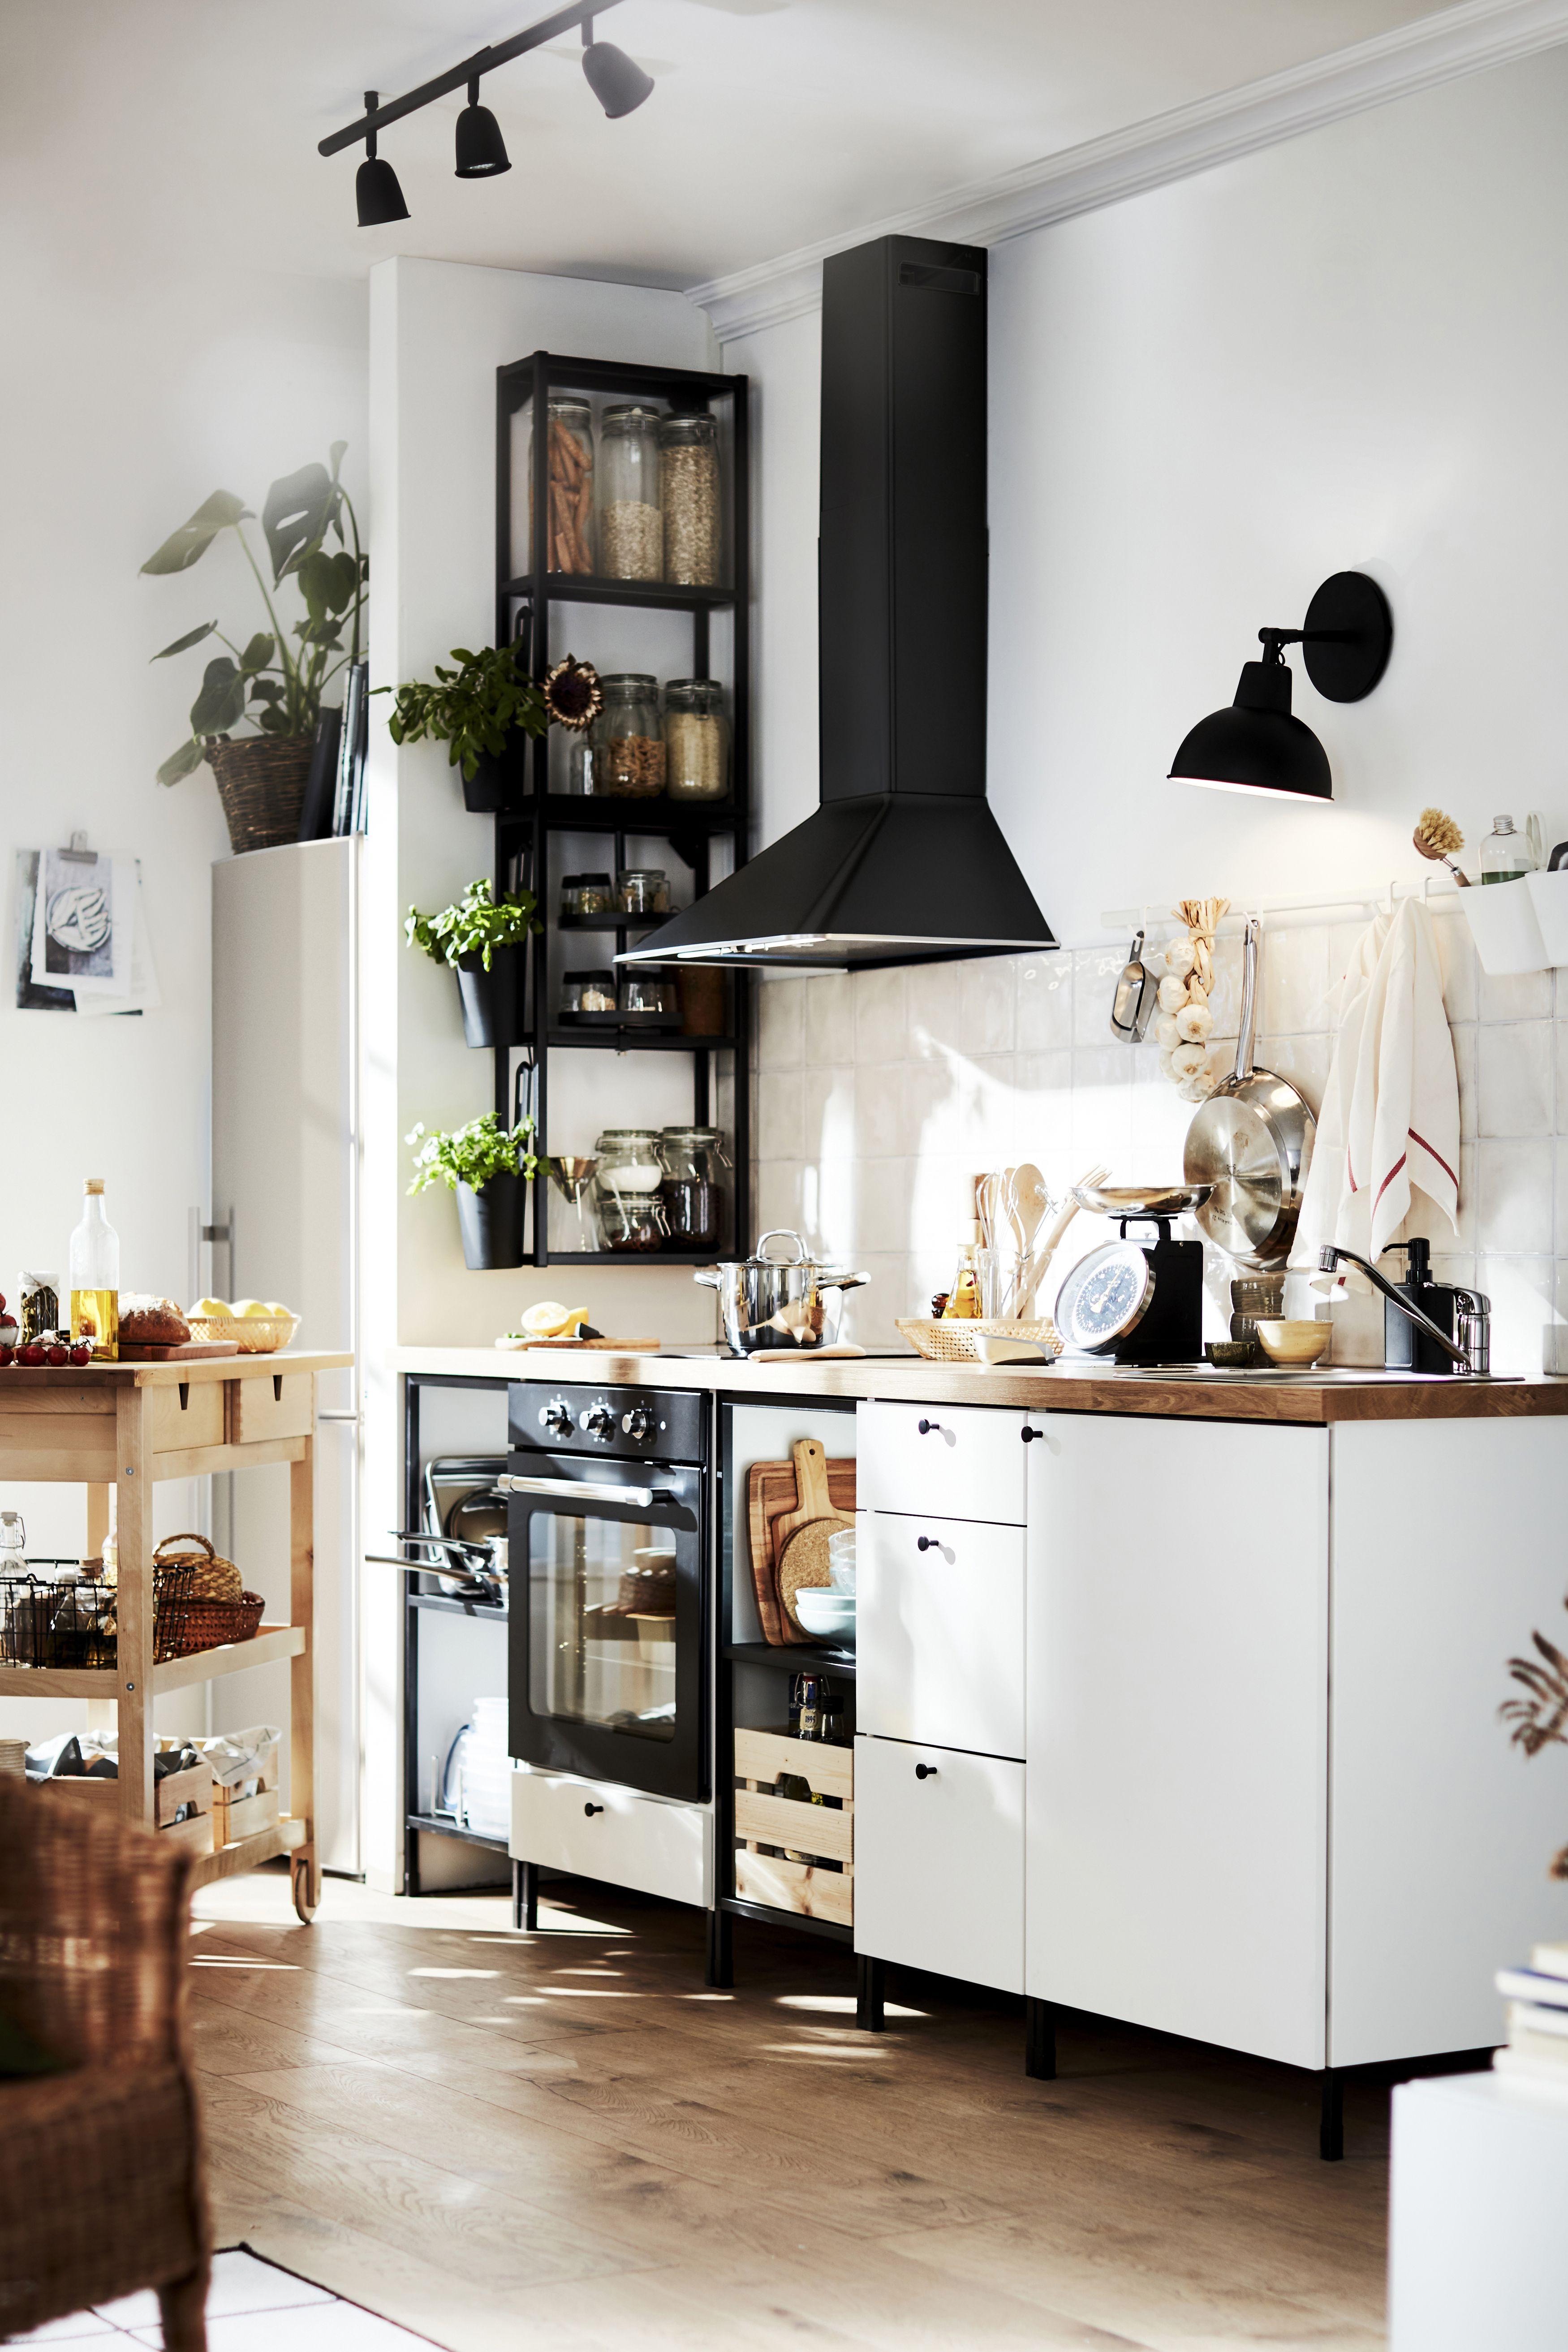 Kuche Kuchenmobel Fur Dein Zuhause In 2020 Wohnung Kuche Haus Kuchen Kuchen Mobel